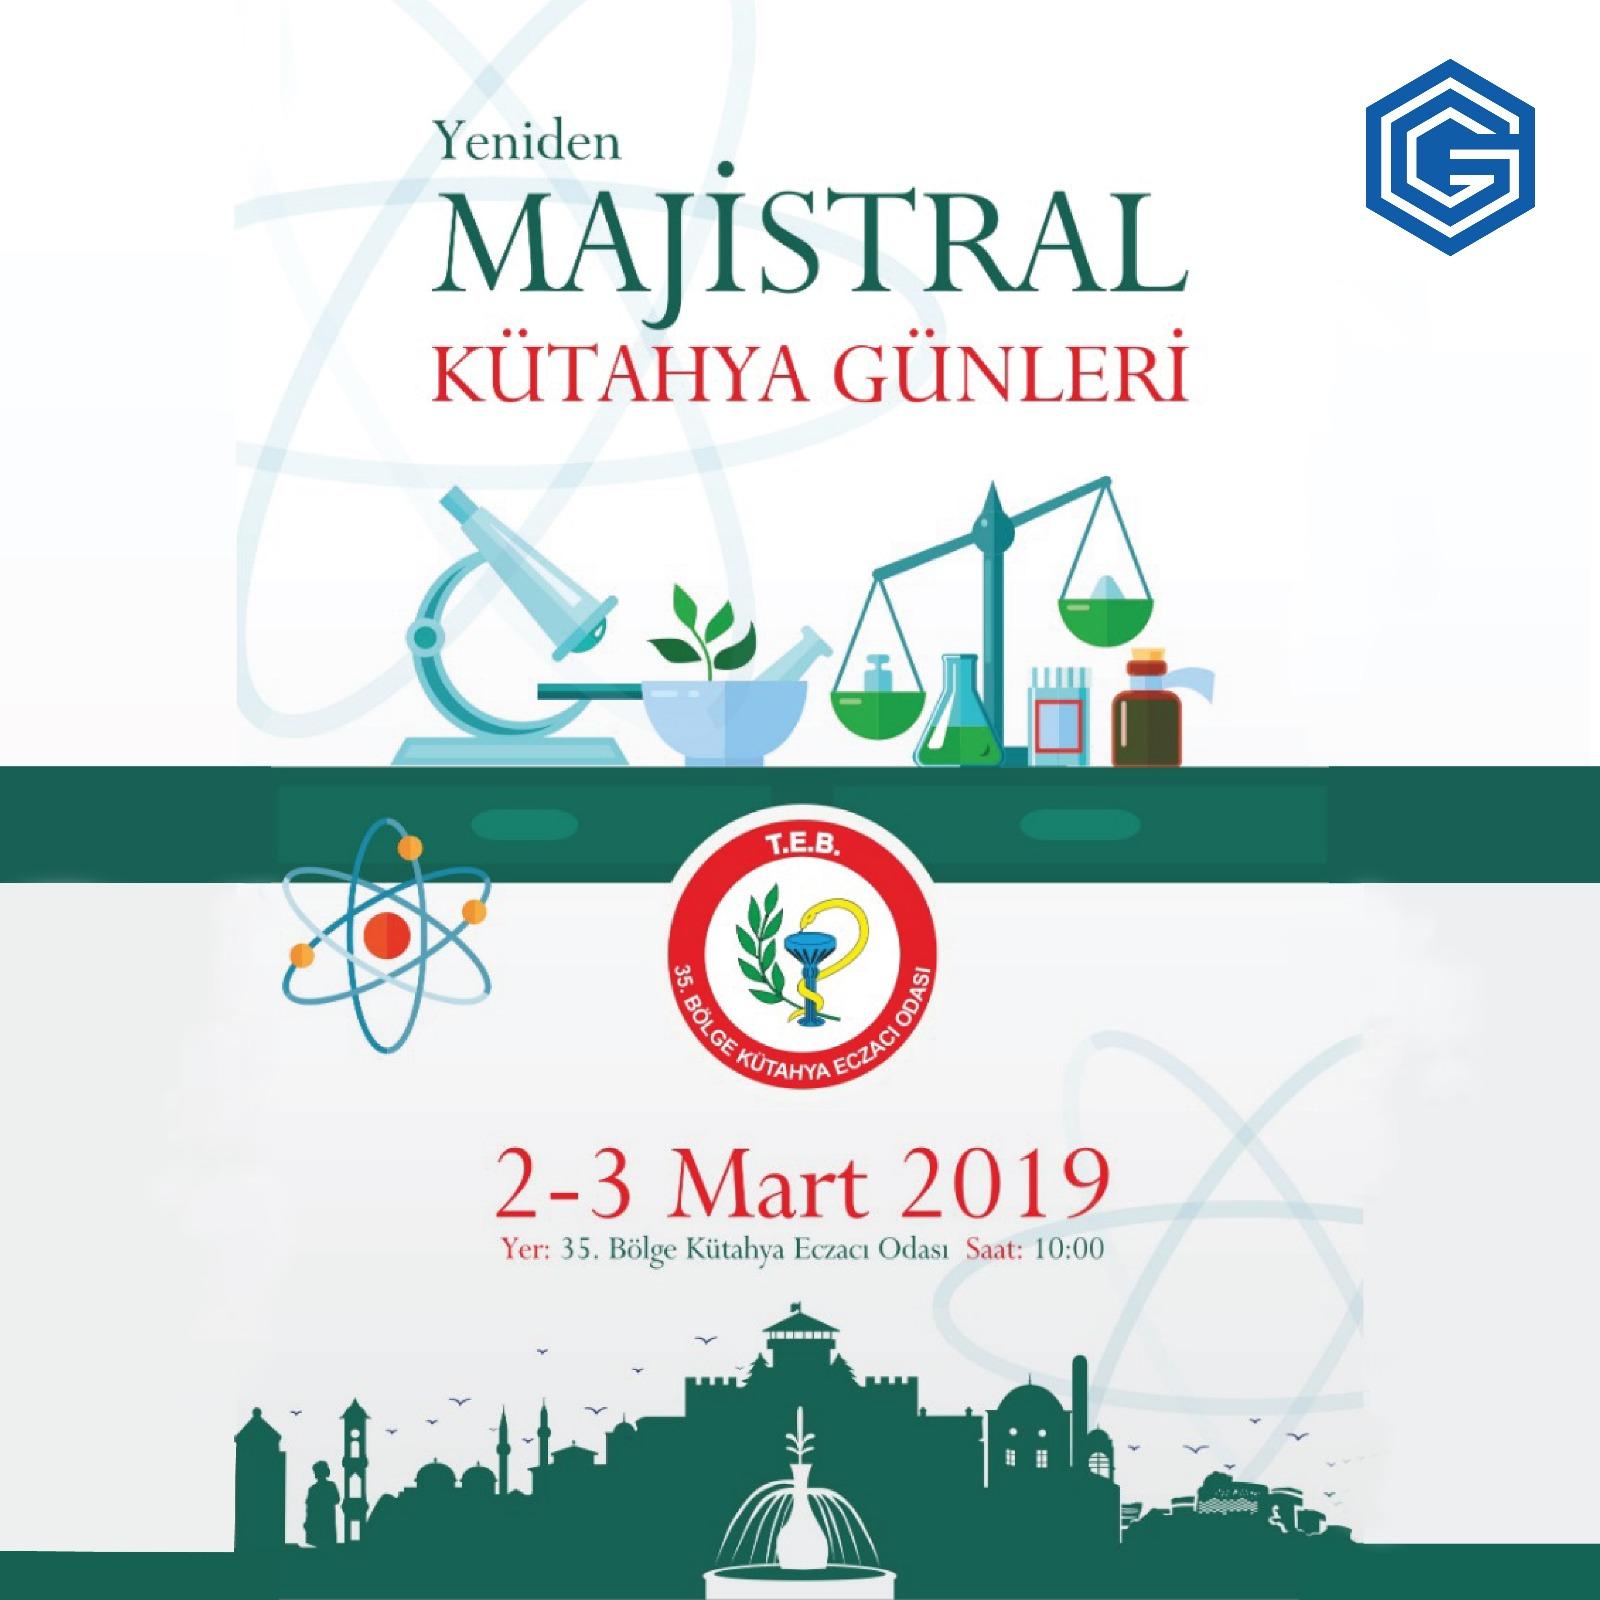 Once More Magistral Kütahya Days